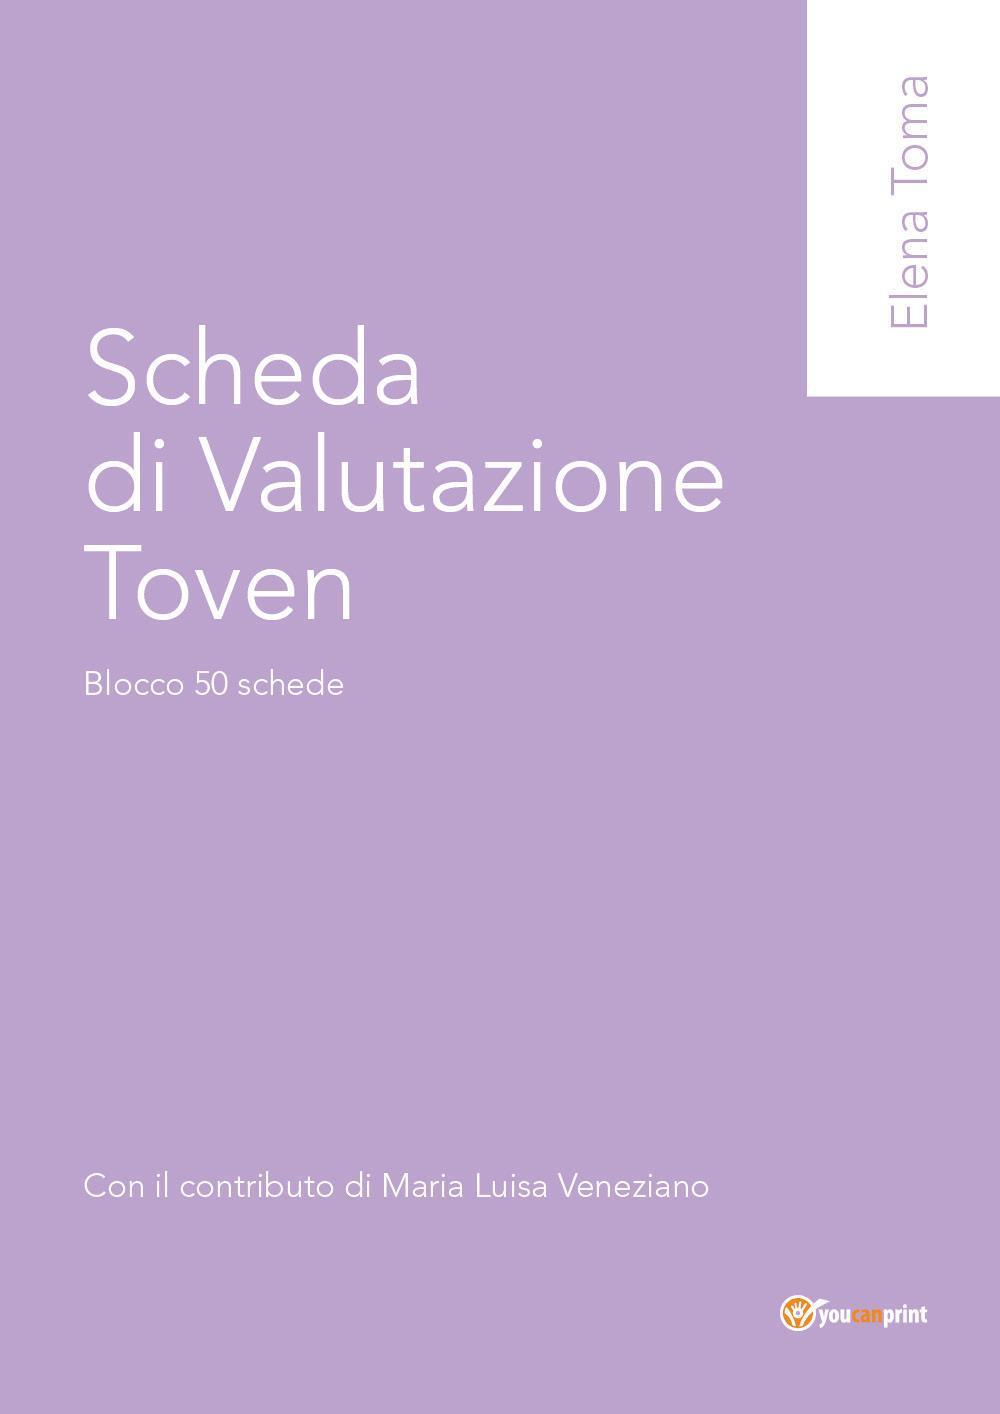 Scheda di valutazione Toven